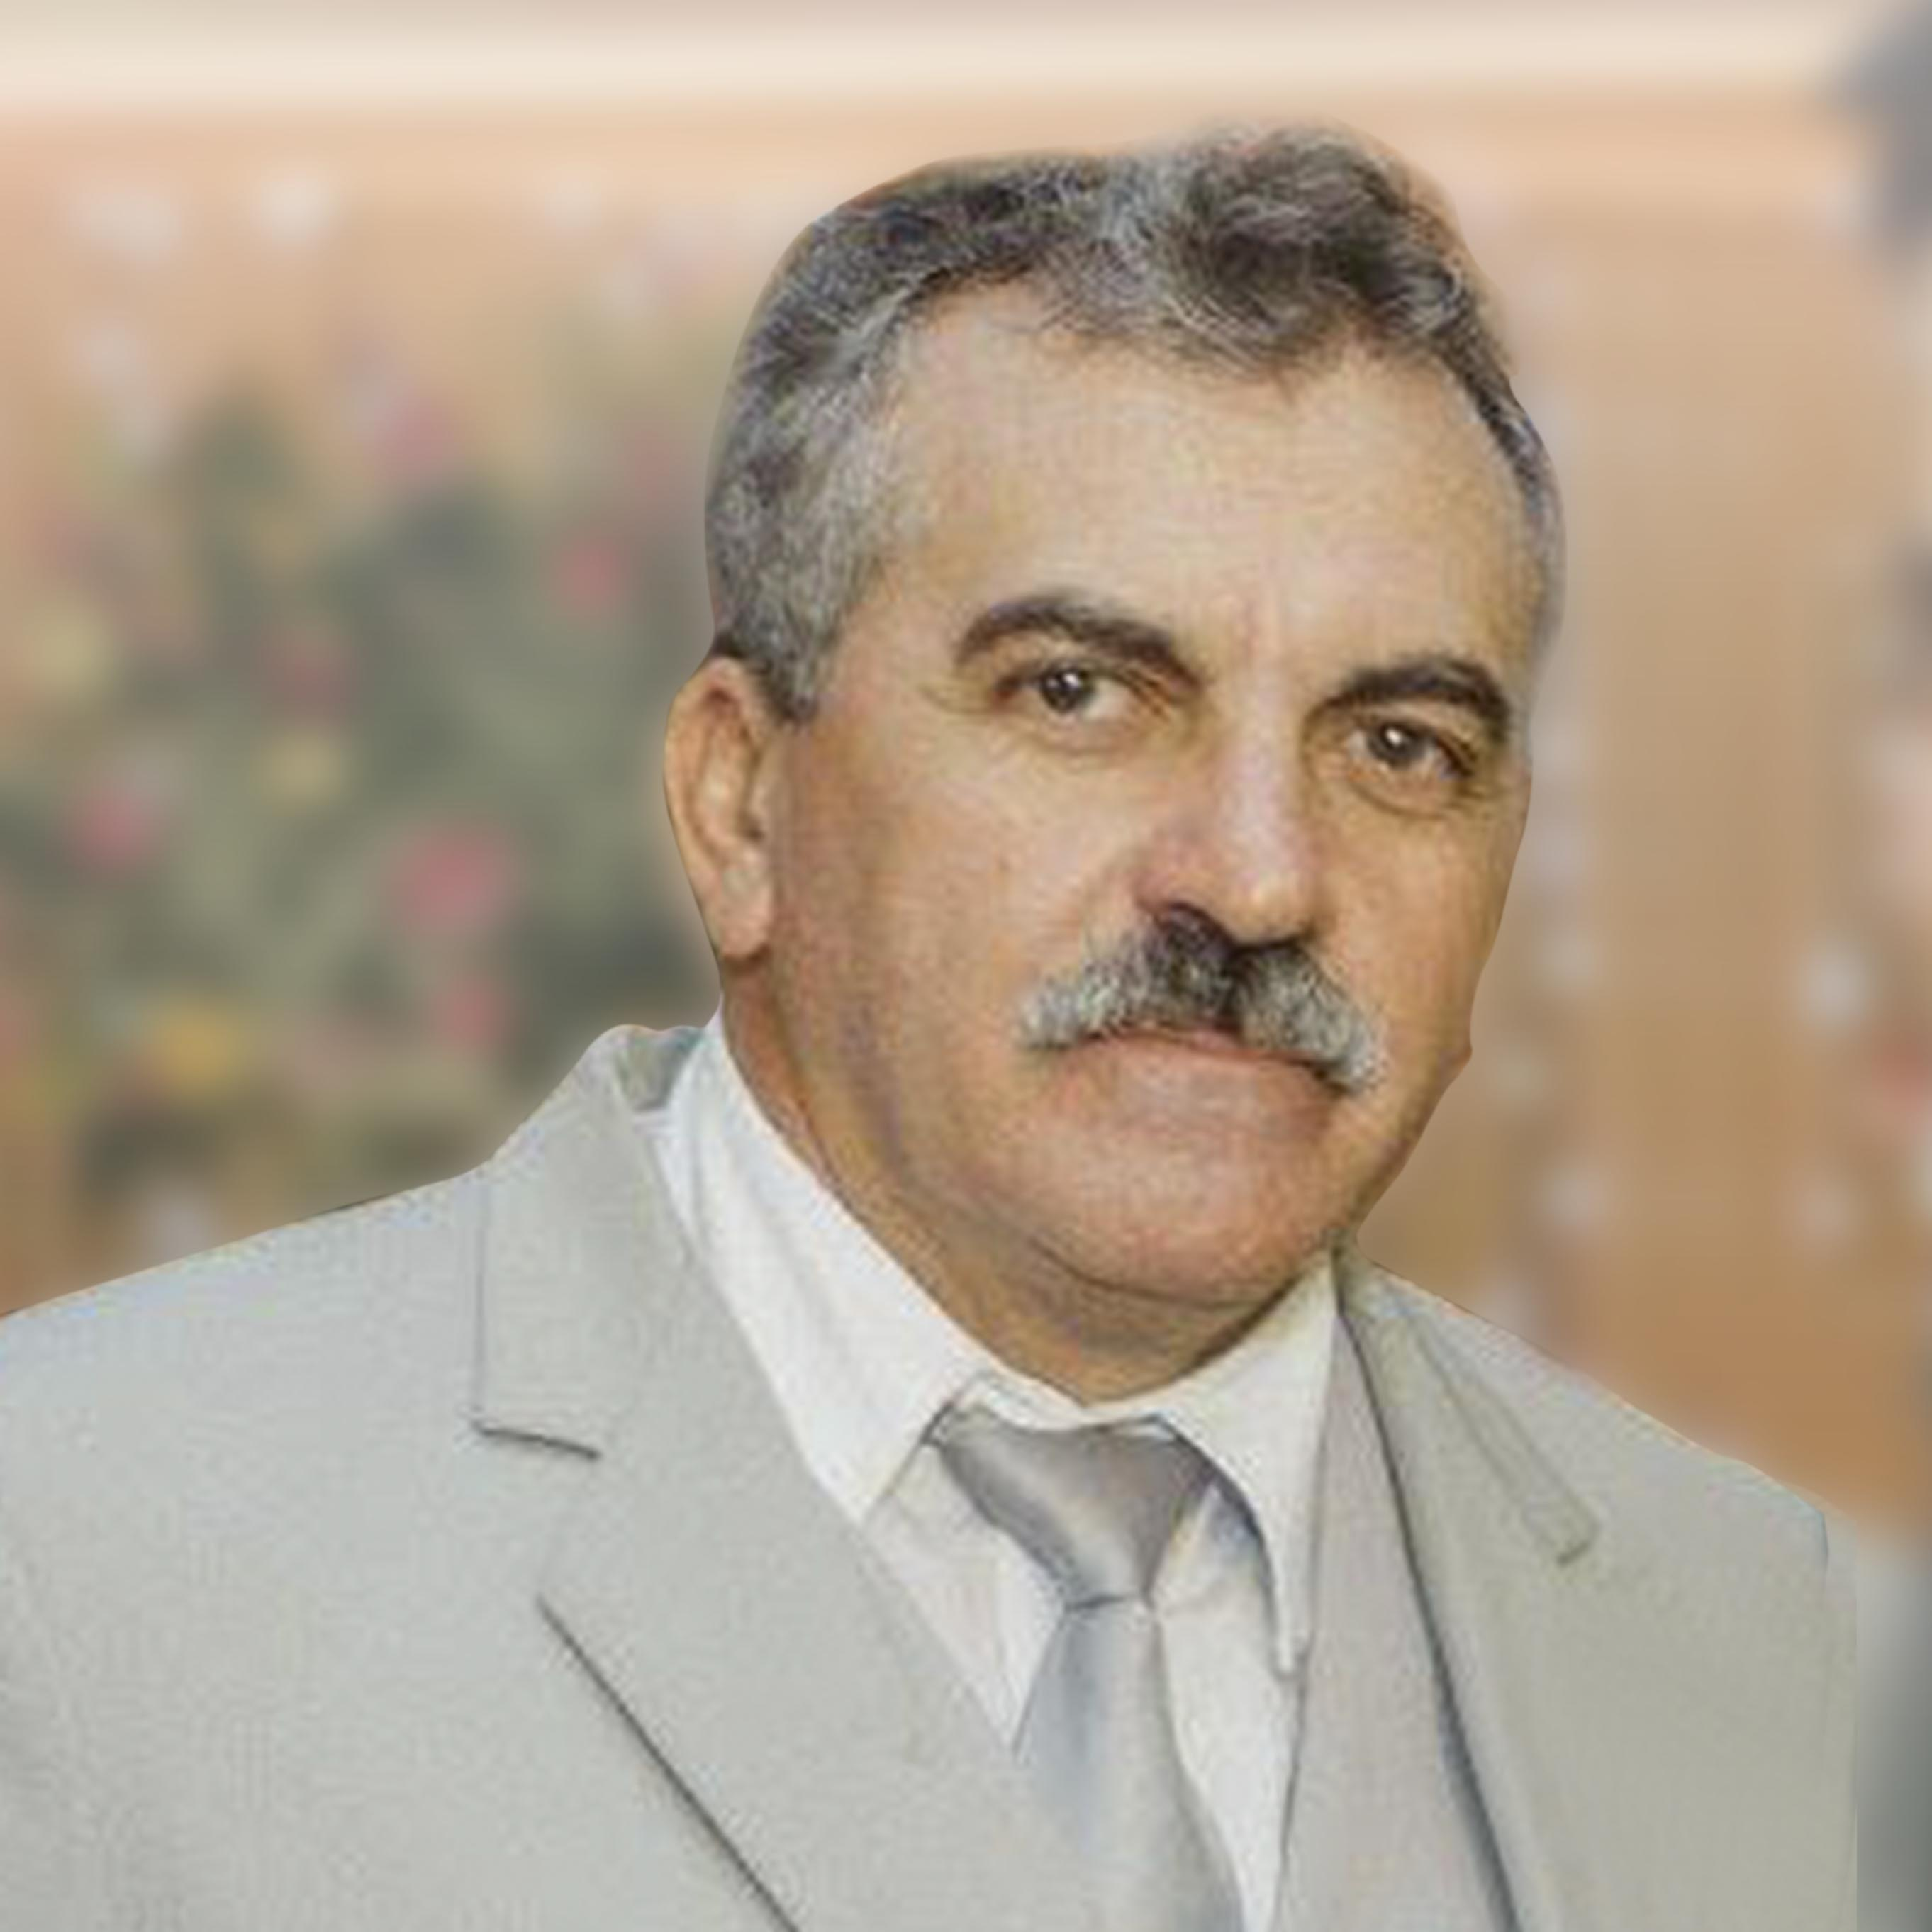 Antonio Barrozo Neto